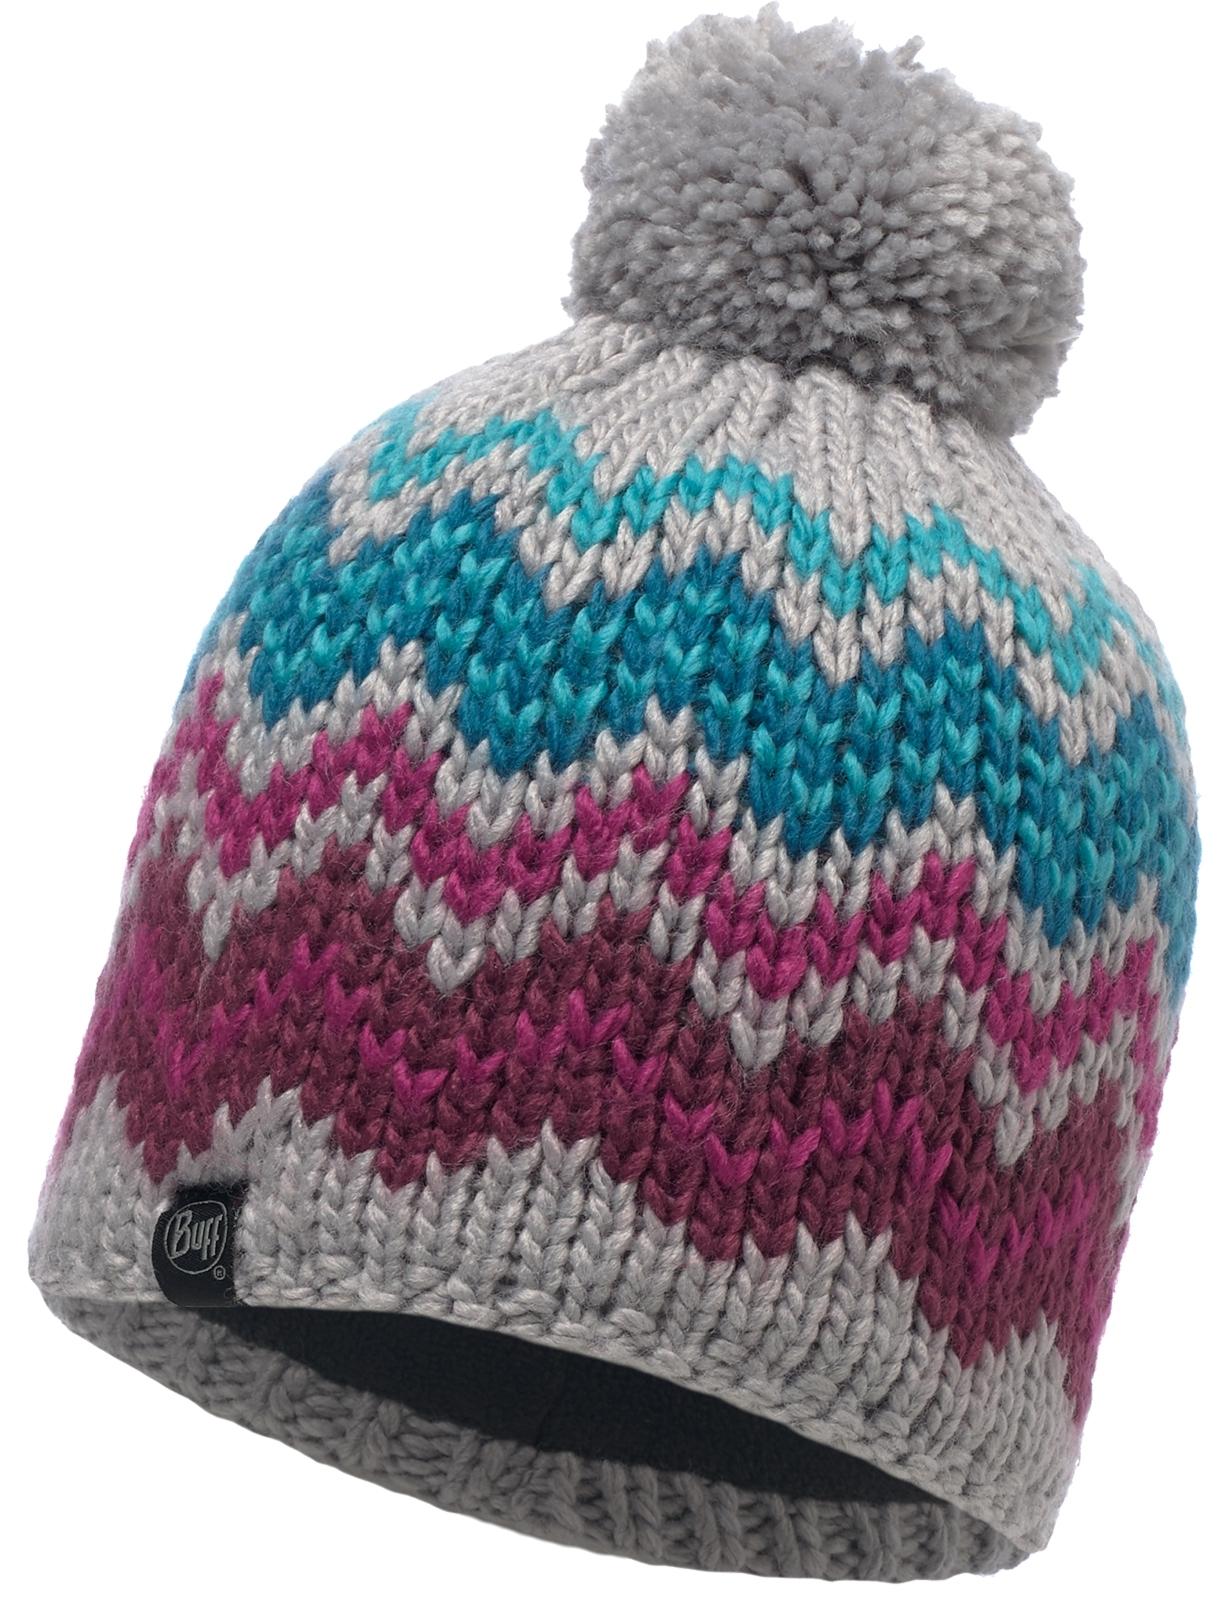 c73e982dc4d Buff Danke Knitted Bobble Hat